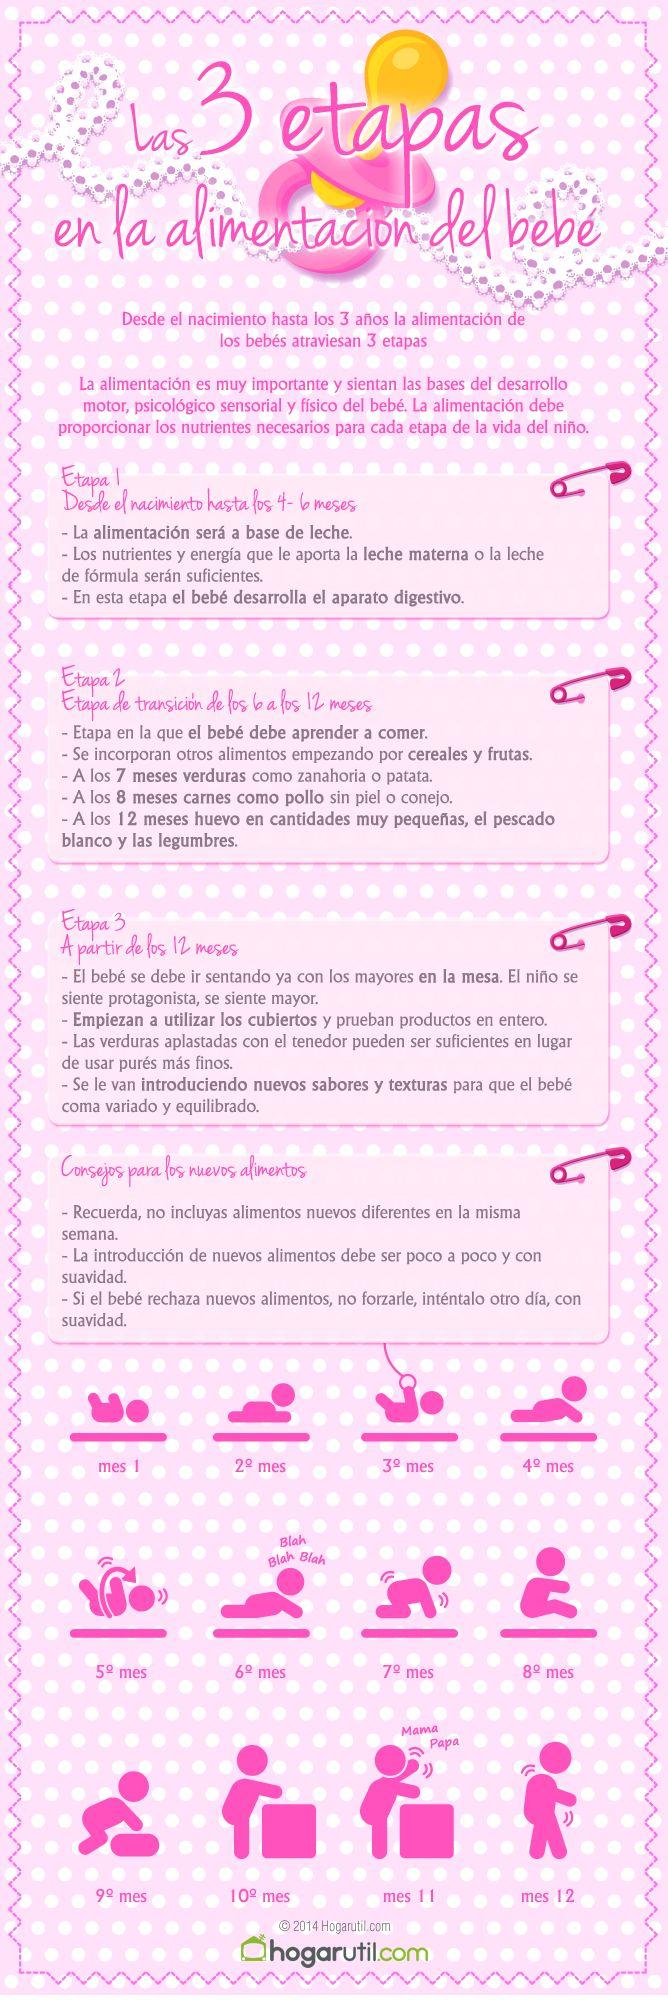 Infografía con las 3 etapas en la alimentación del bebé #infografia #maternidad #alimentacionbebe #bebe